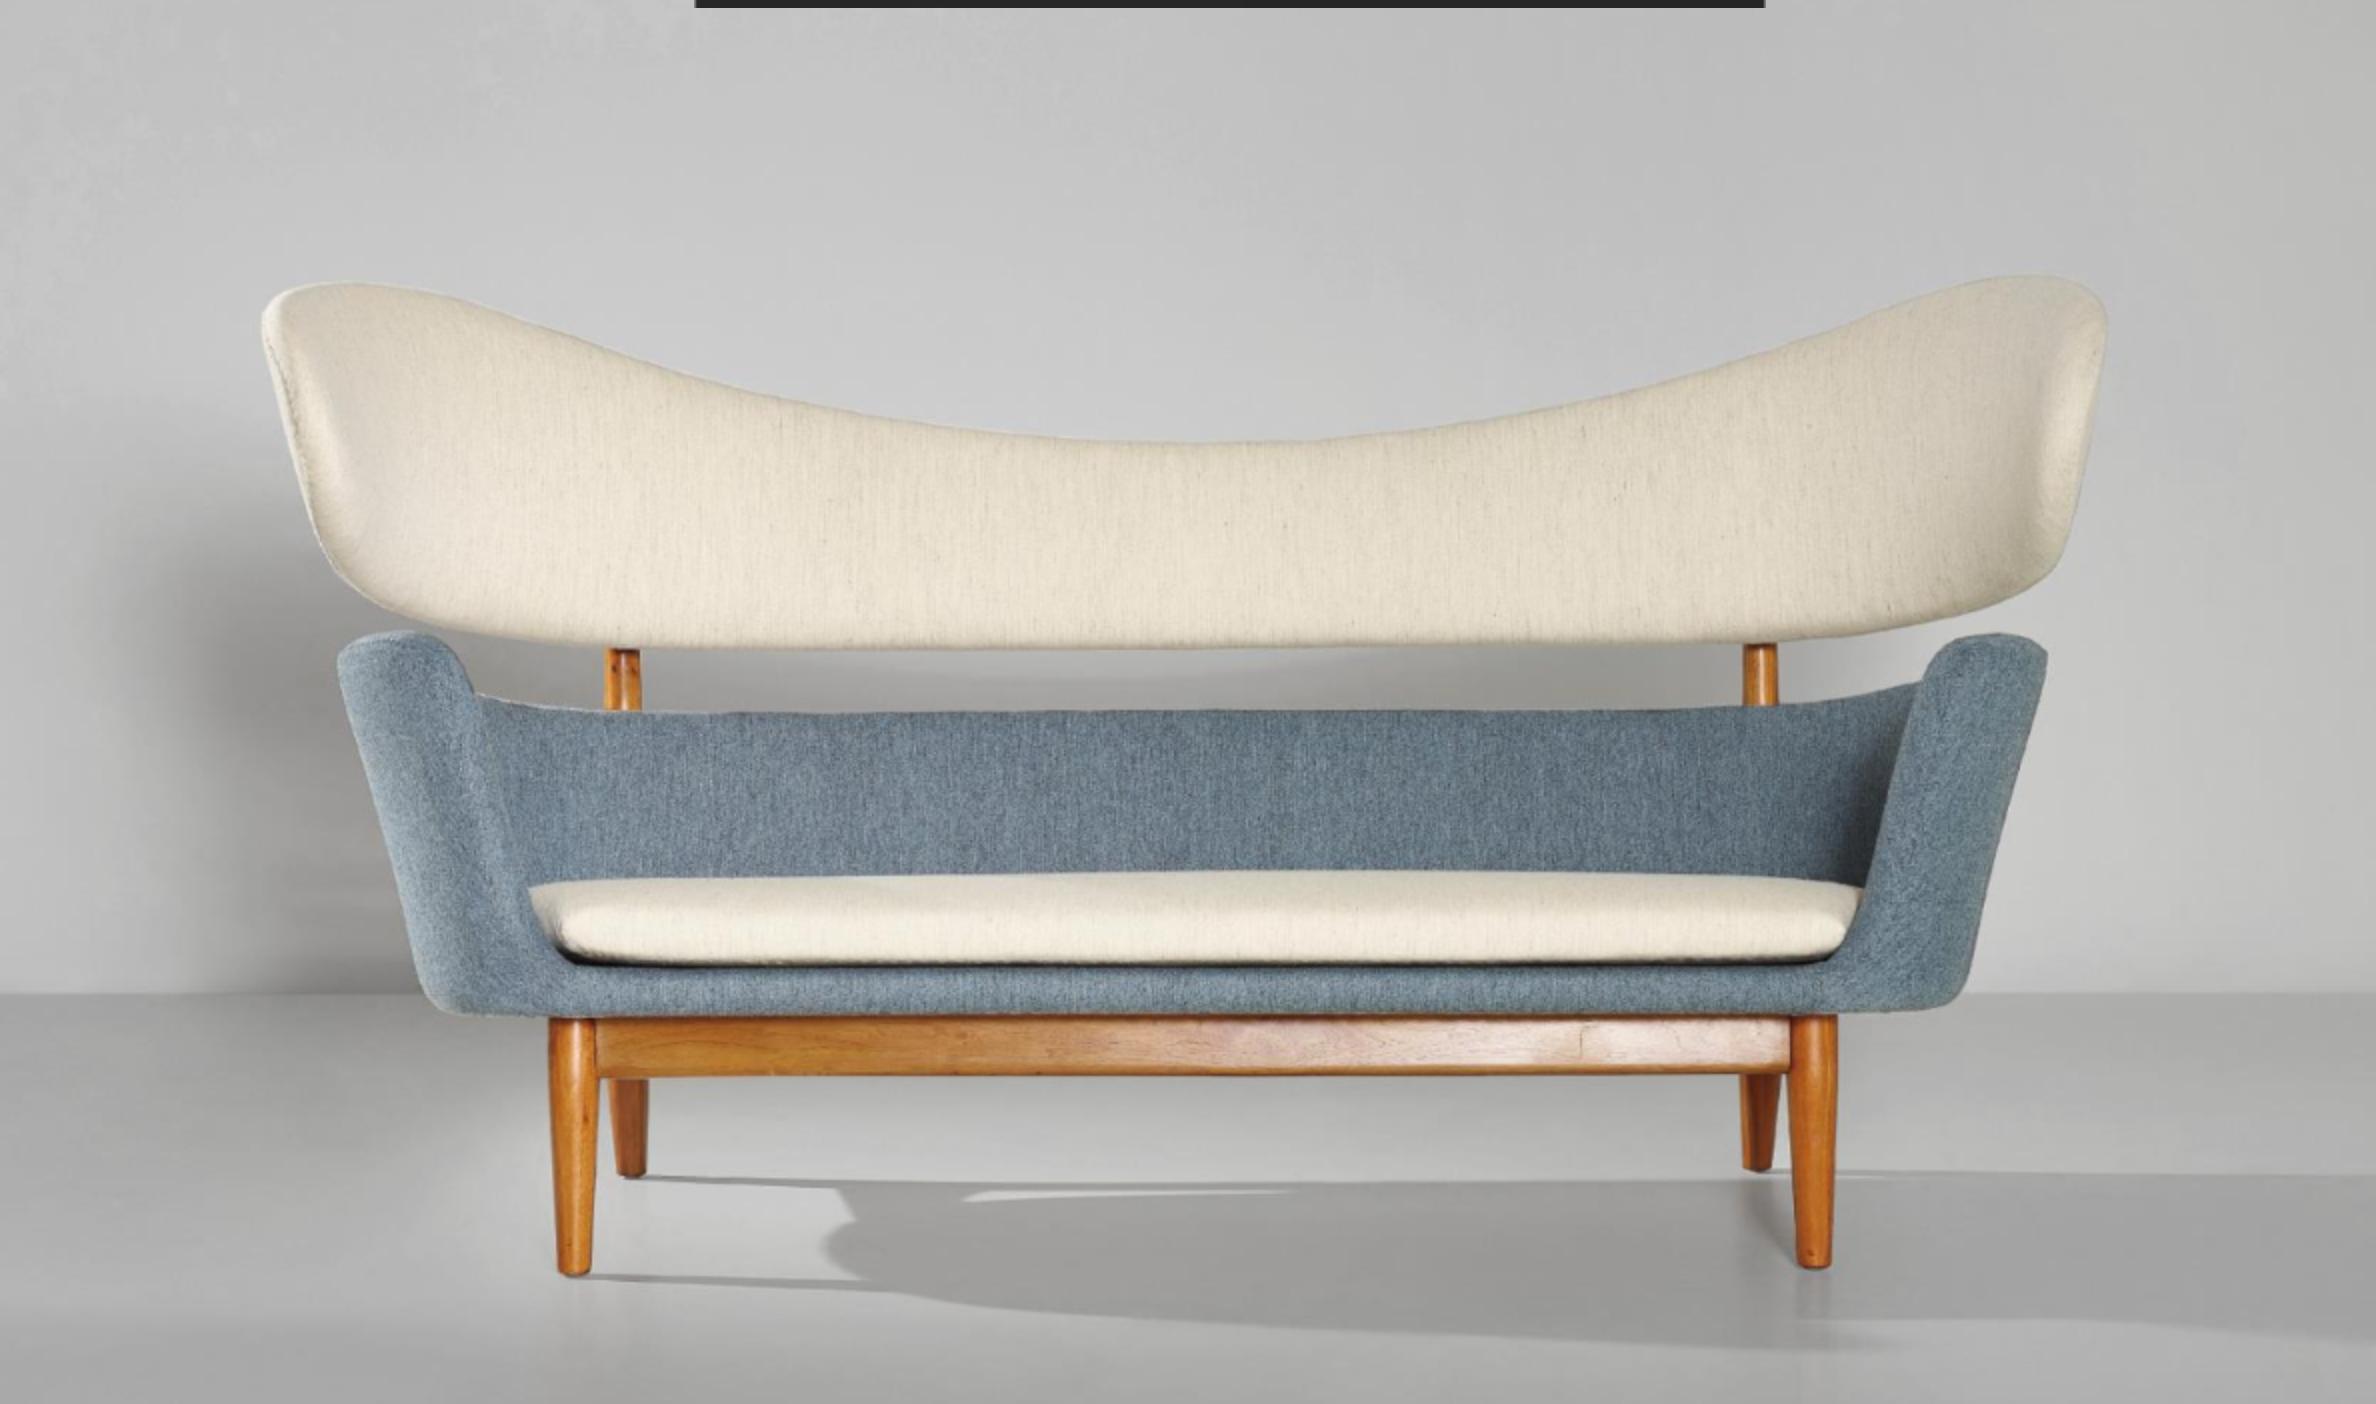 Furniture designed 1951 american walnut wool 99 5 x 194 x 79 cm 39 1 8 x 76 3 8 x 31 1 8 in manufactured by baker furniture inc grand rapids